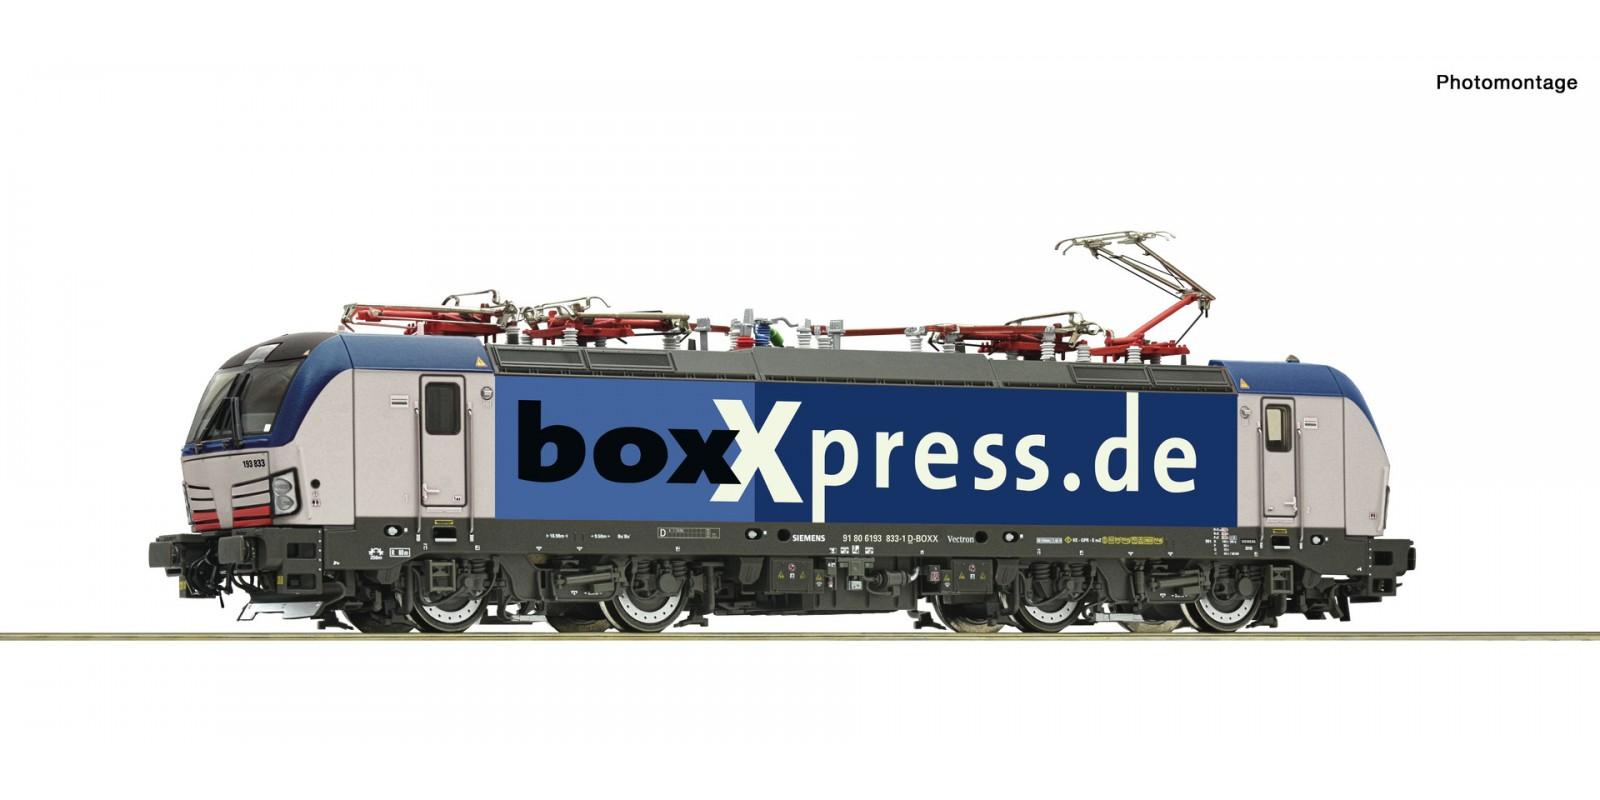 RO79951 Electric locomotive 193 833-1